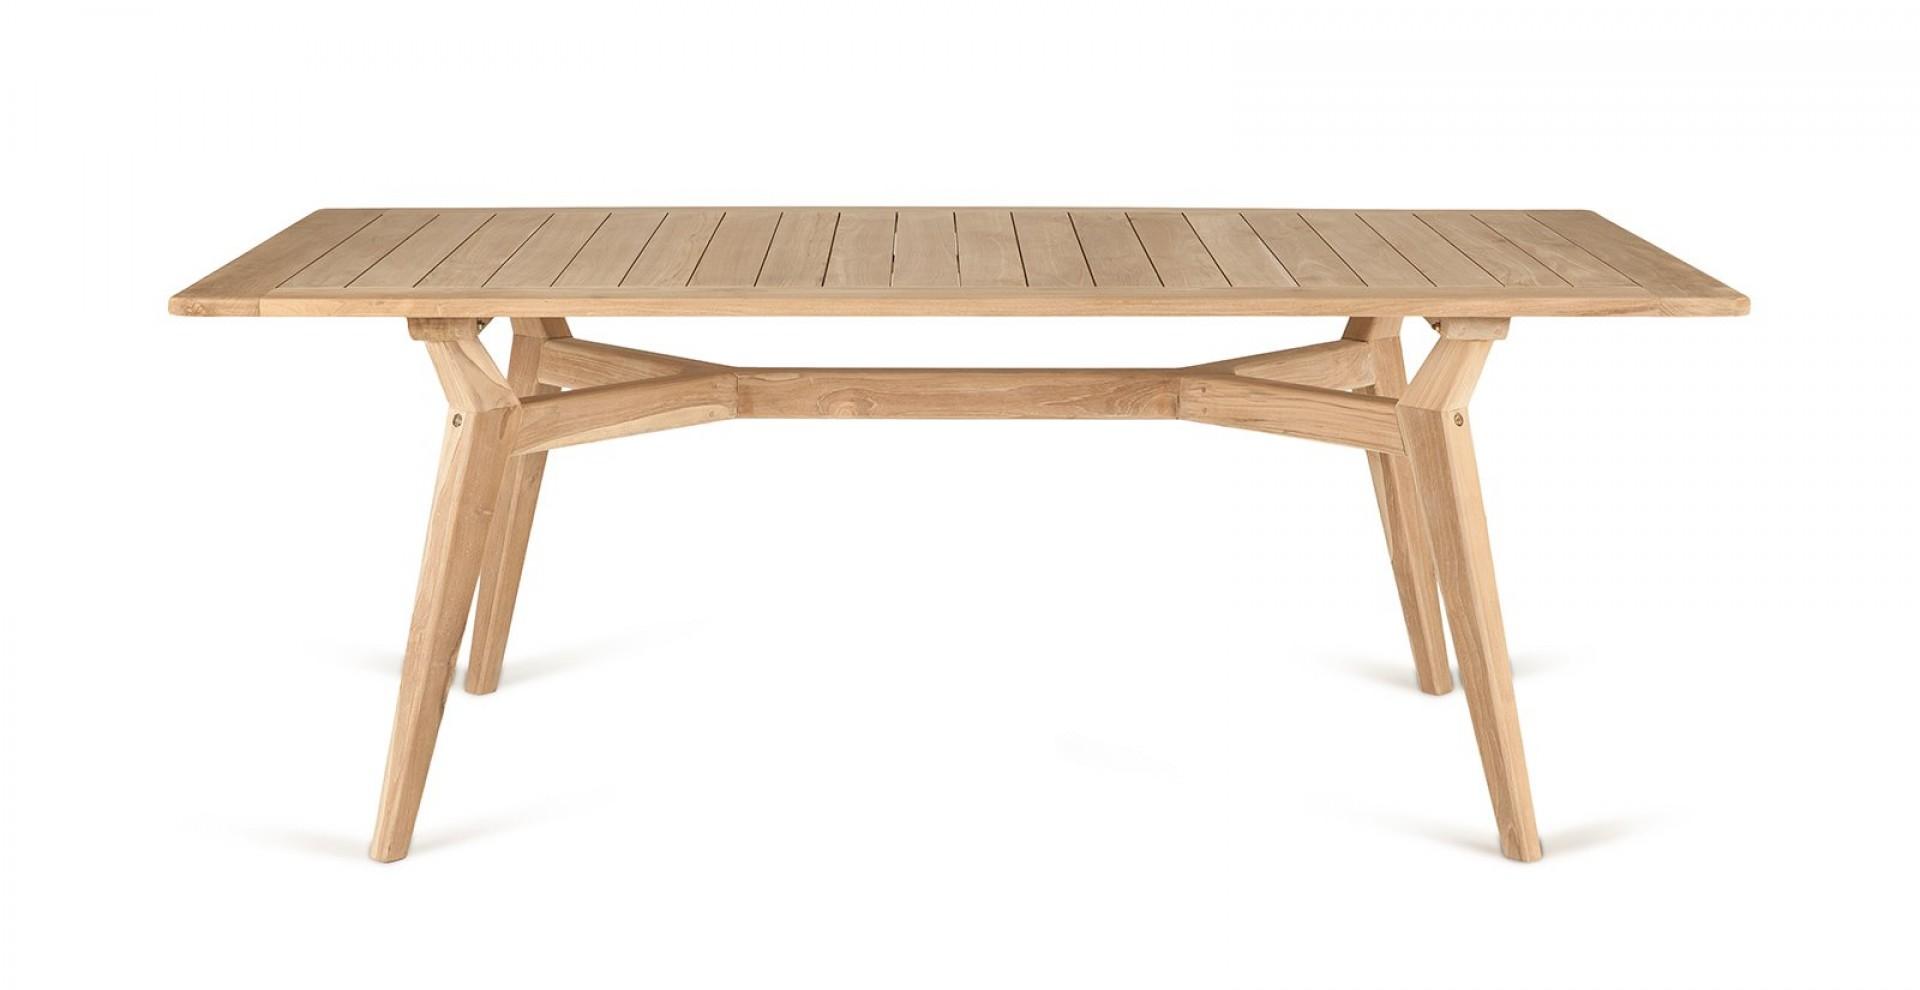 Teakholz tisch garten  Teakmöbel für Garten | Terasse & Haus - Möbel nach maß